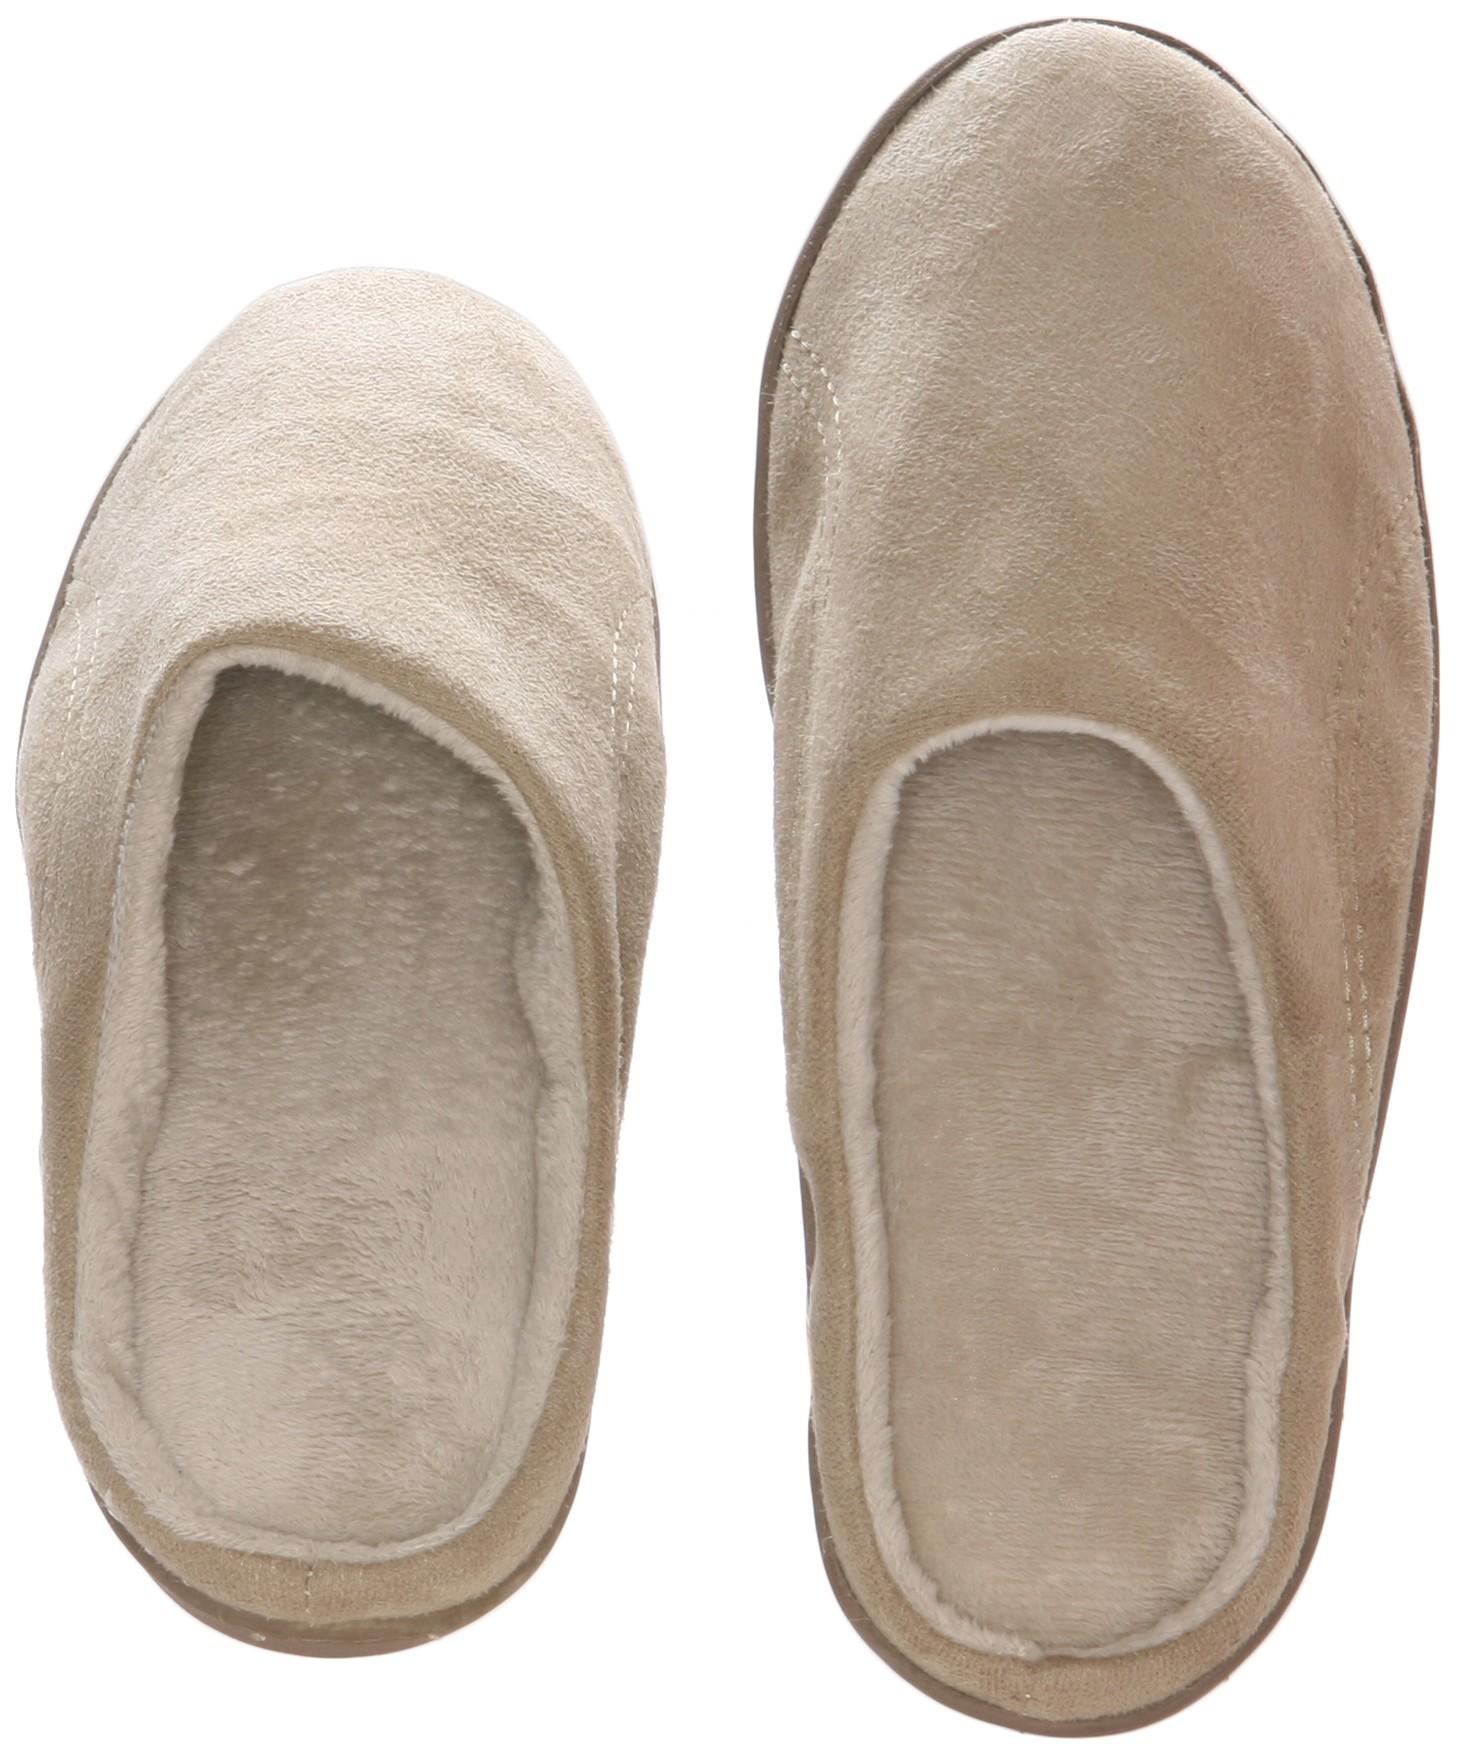 f99ed007564 Men s Memory foam Slippers - Beige Suede micro fleece slippers with ...